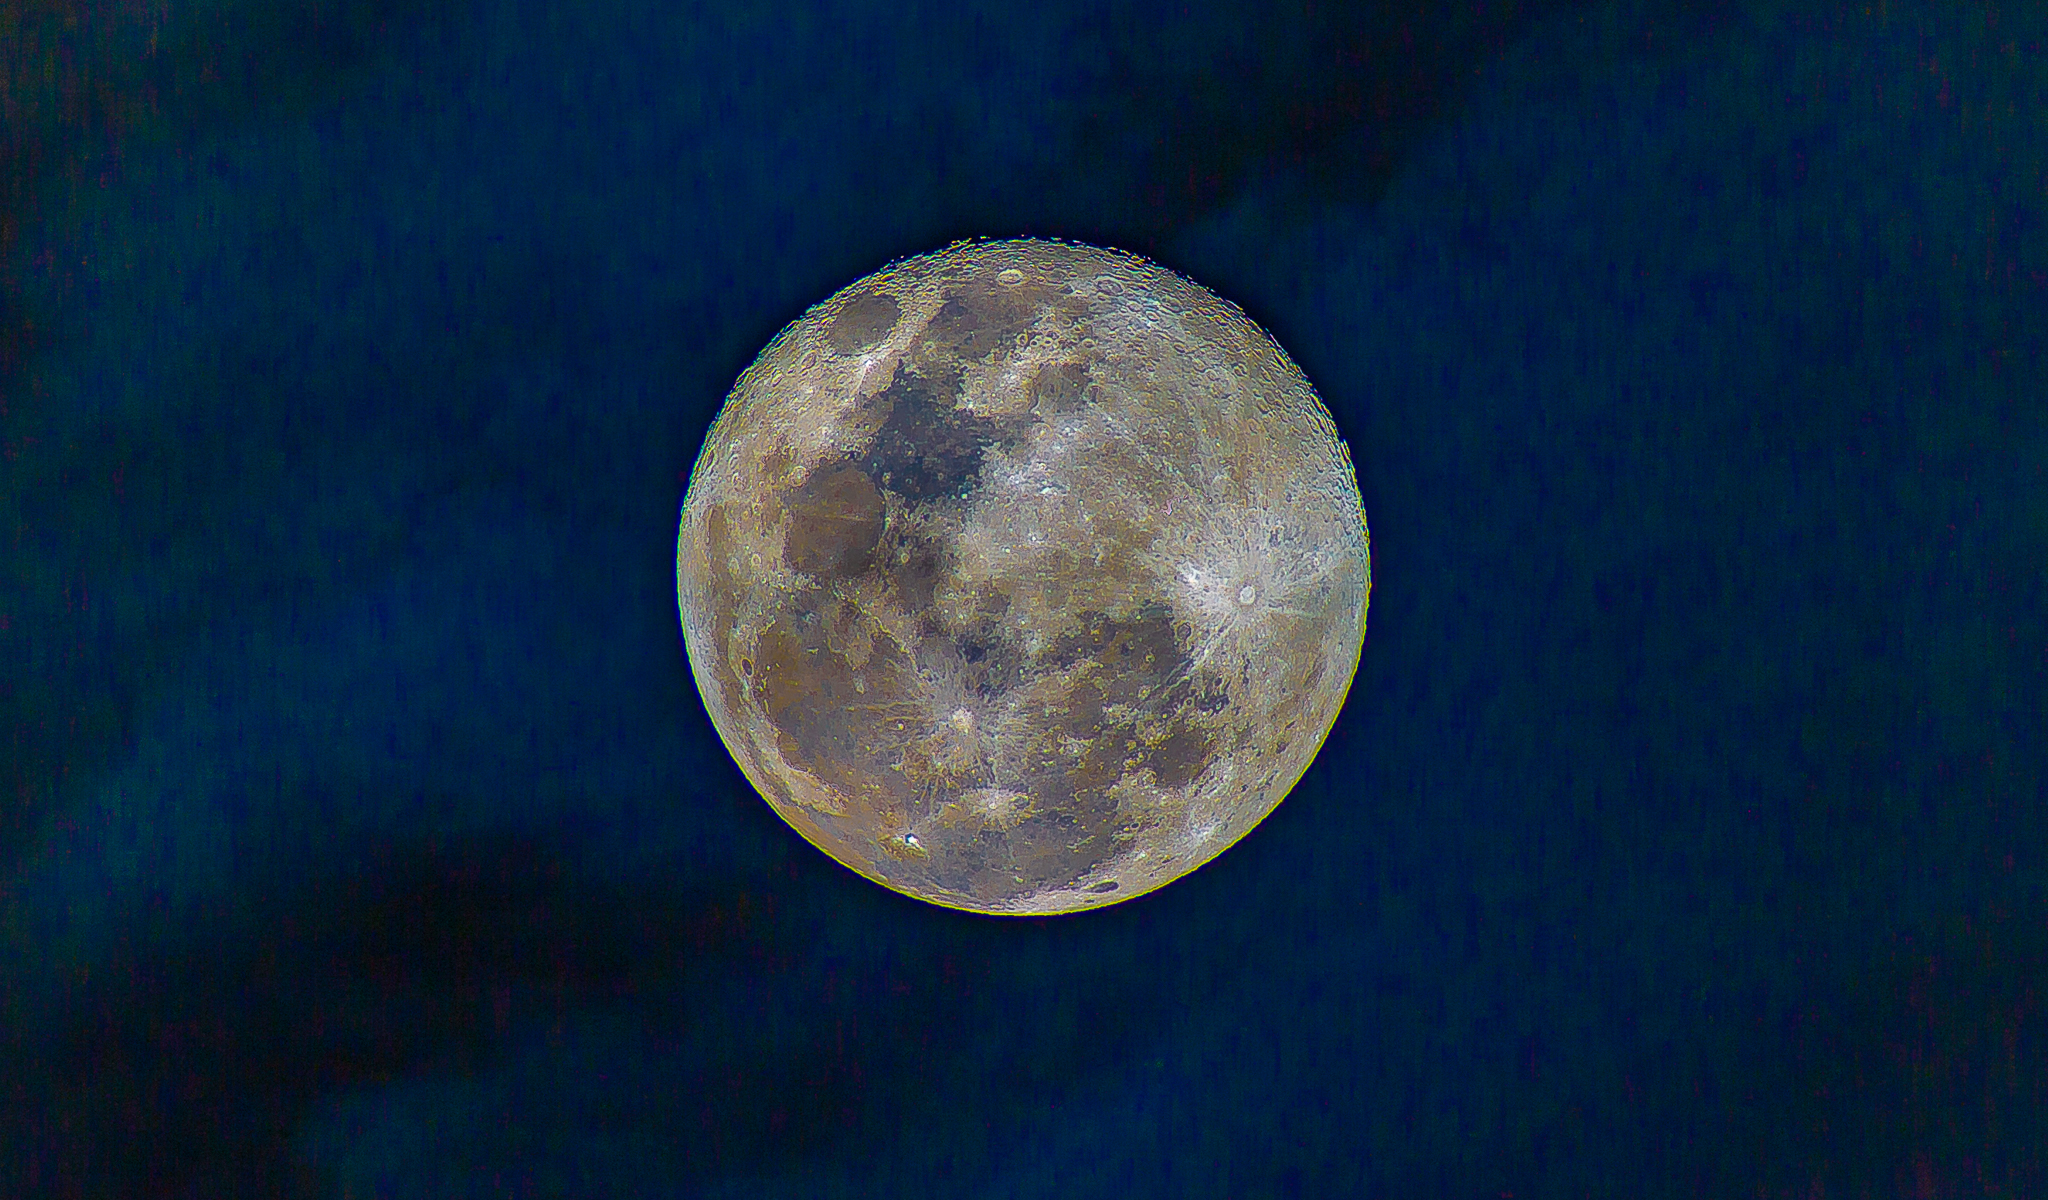 moon, lunar, moon hdr, mineral moon